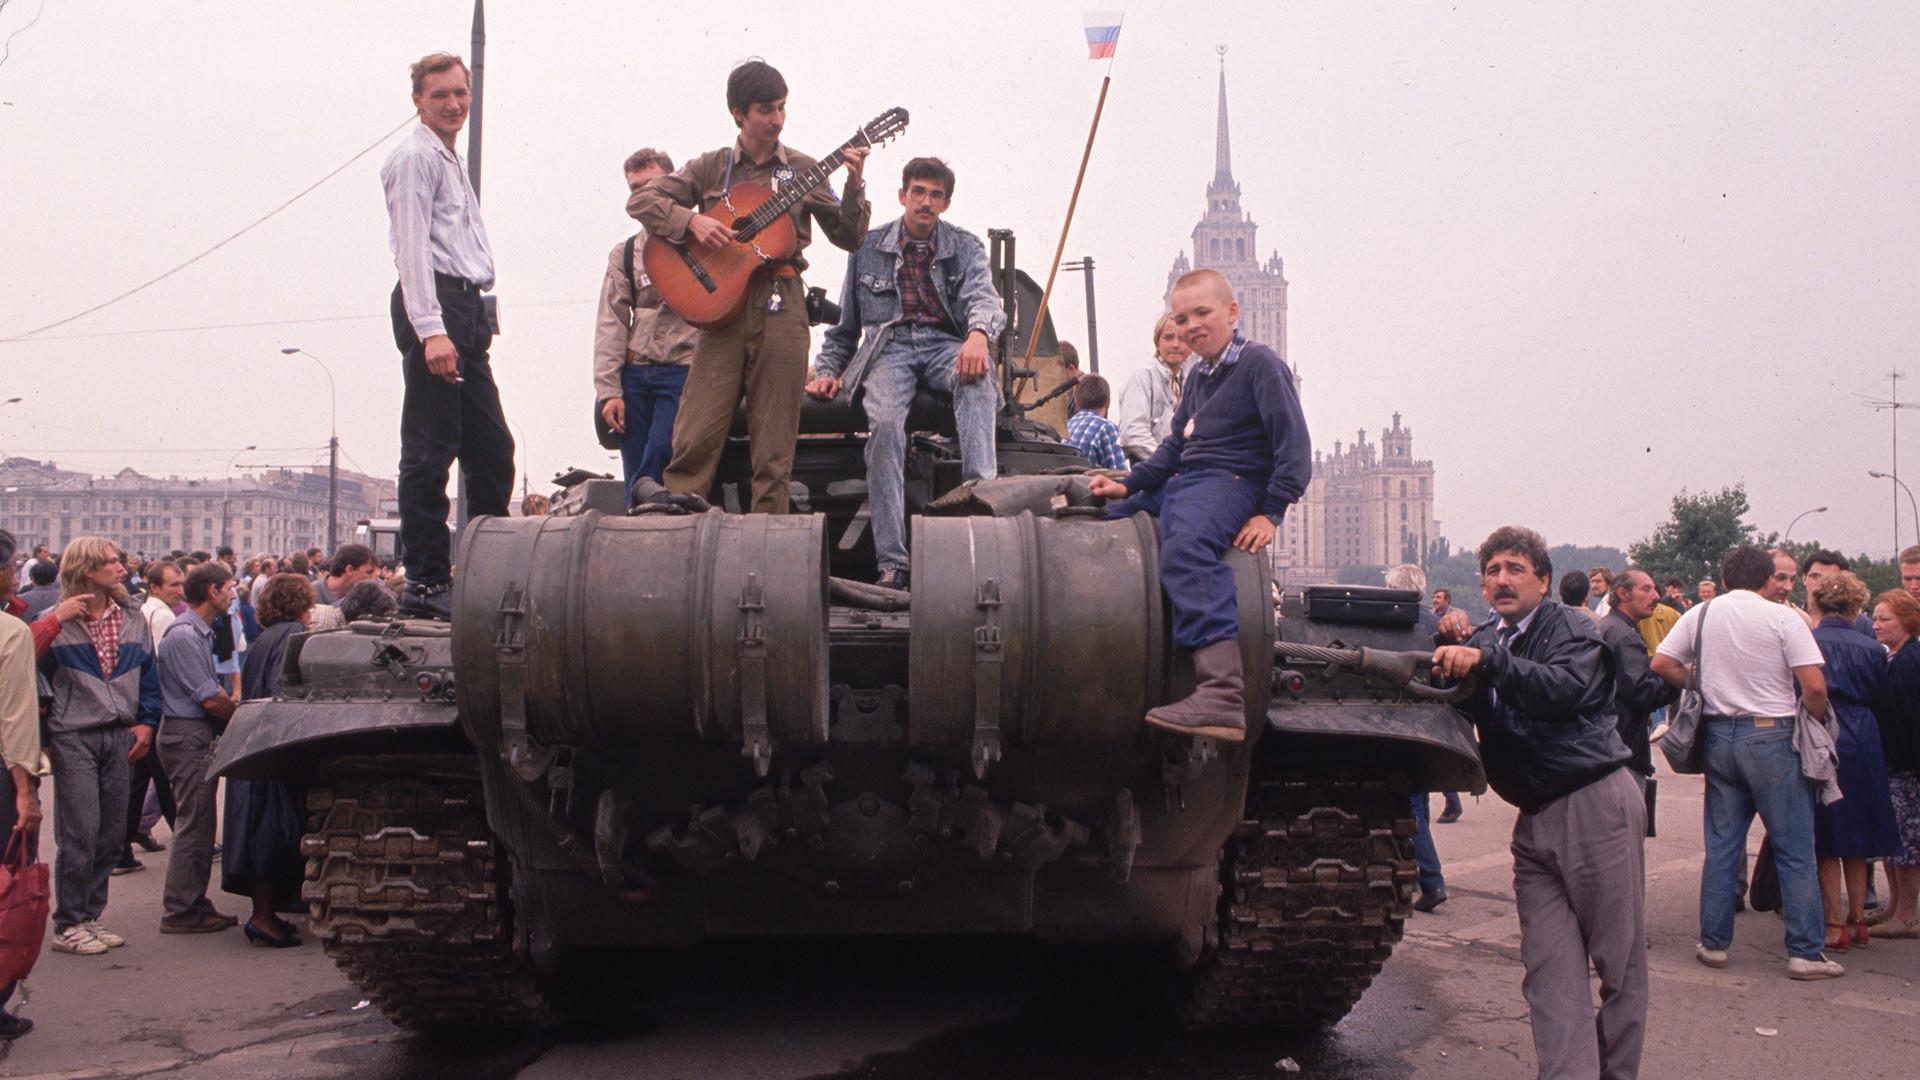 Los últimos días de la URSS en imágenes (Fotos) - Russia Beyond ES